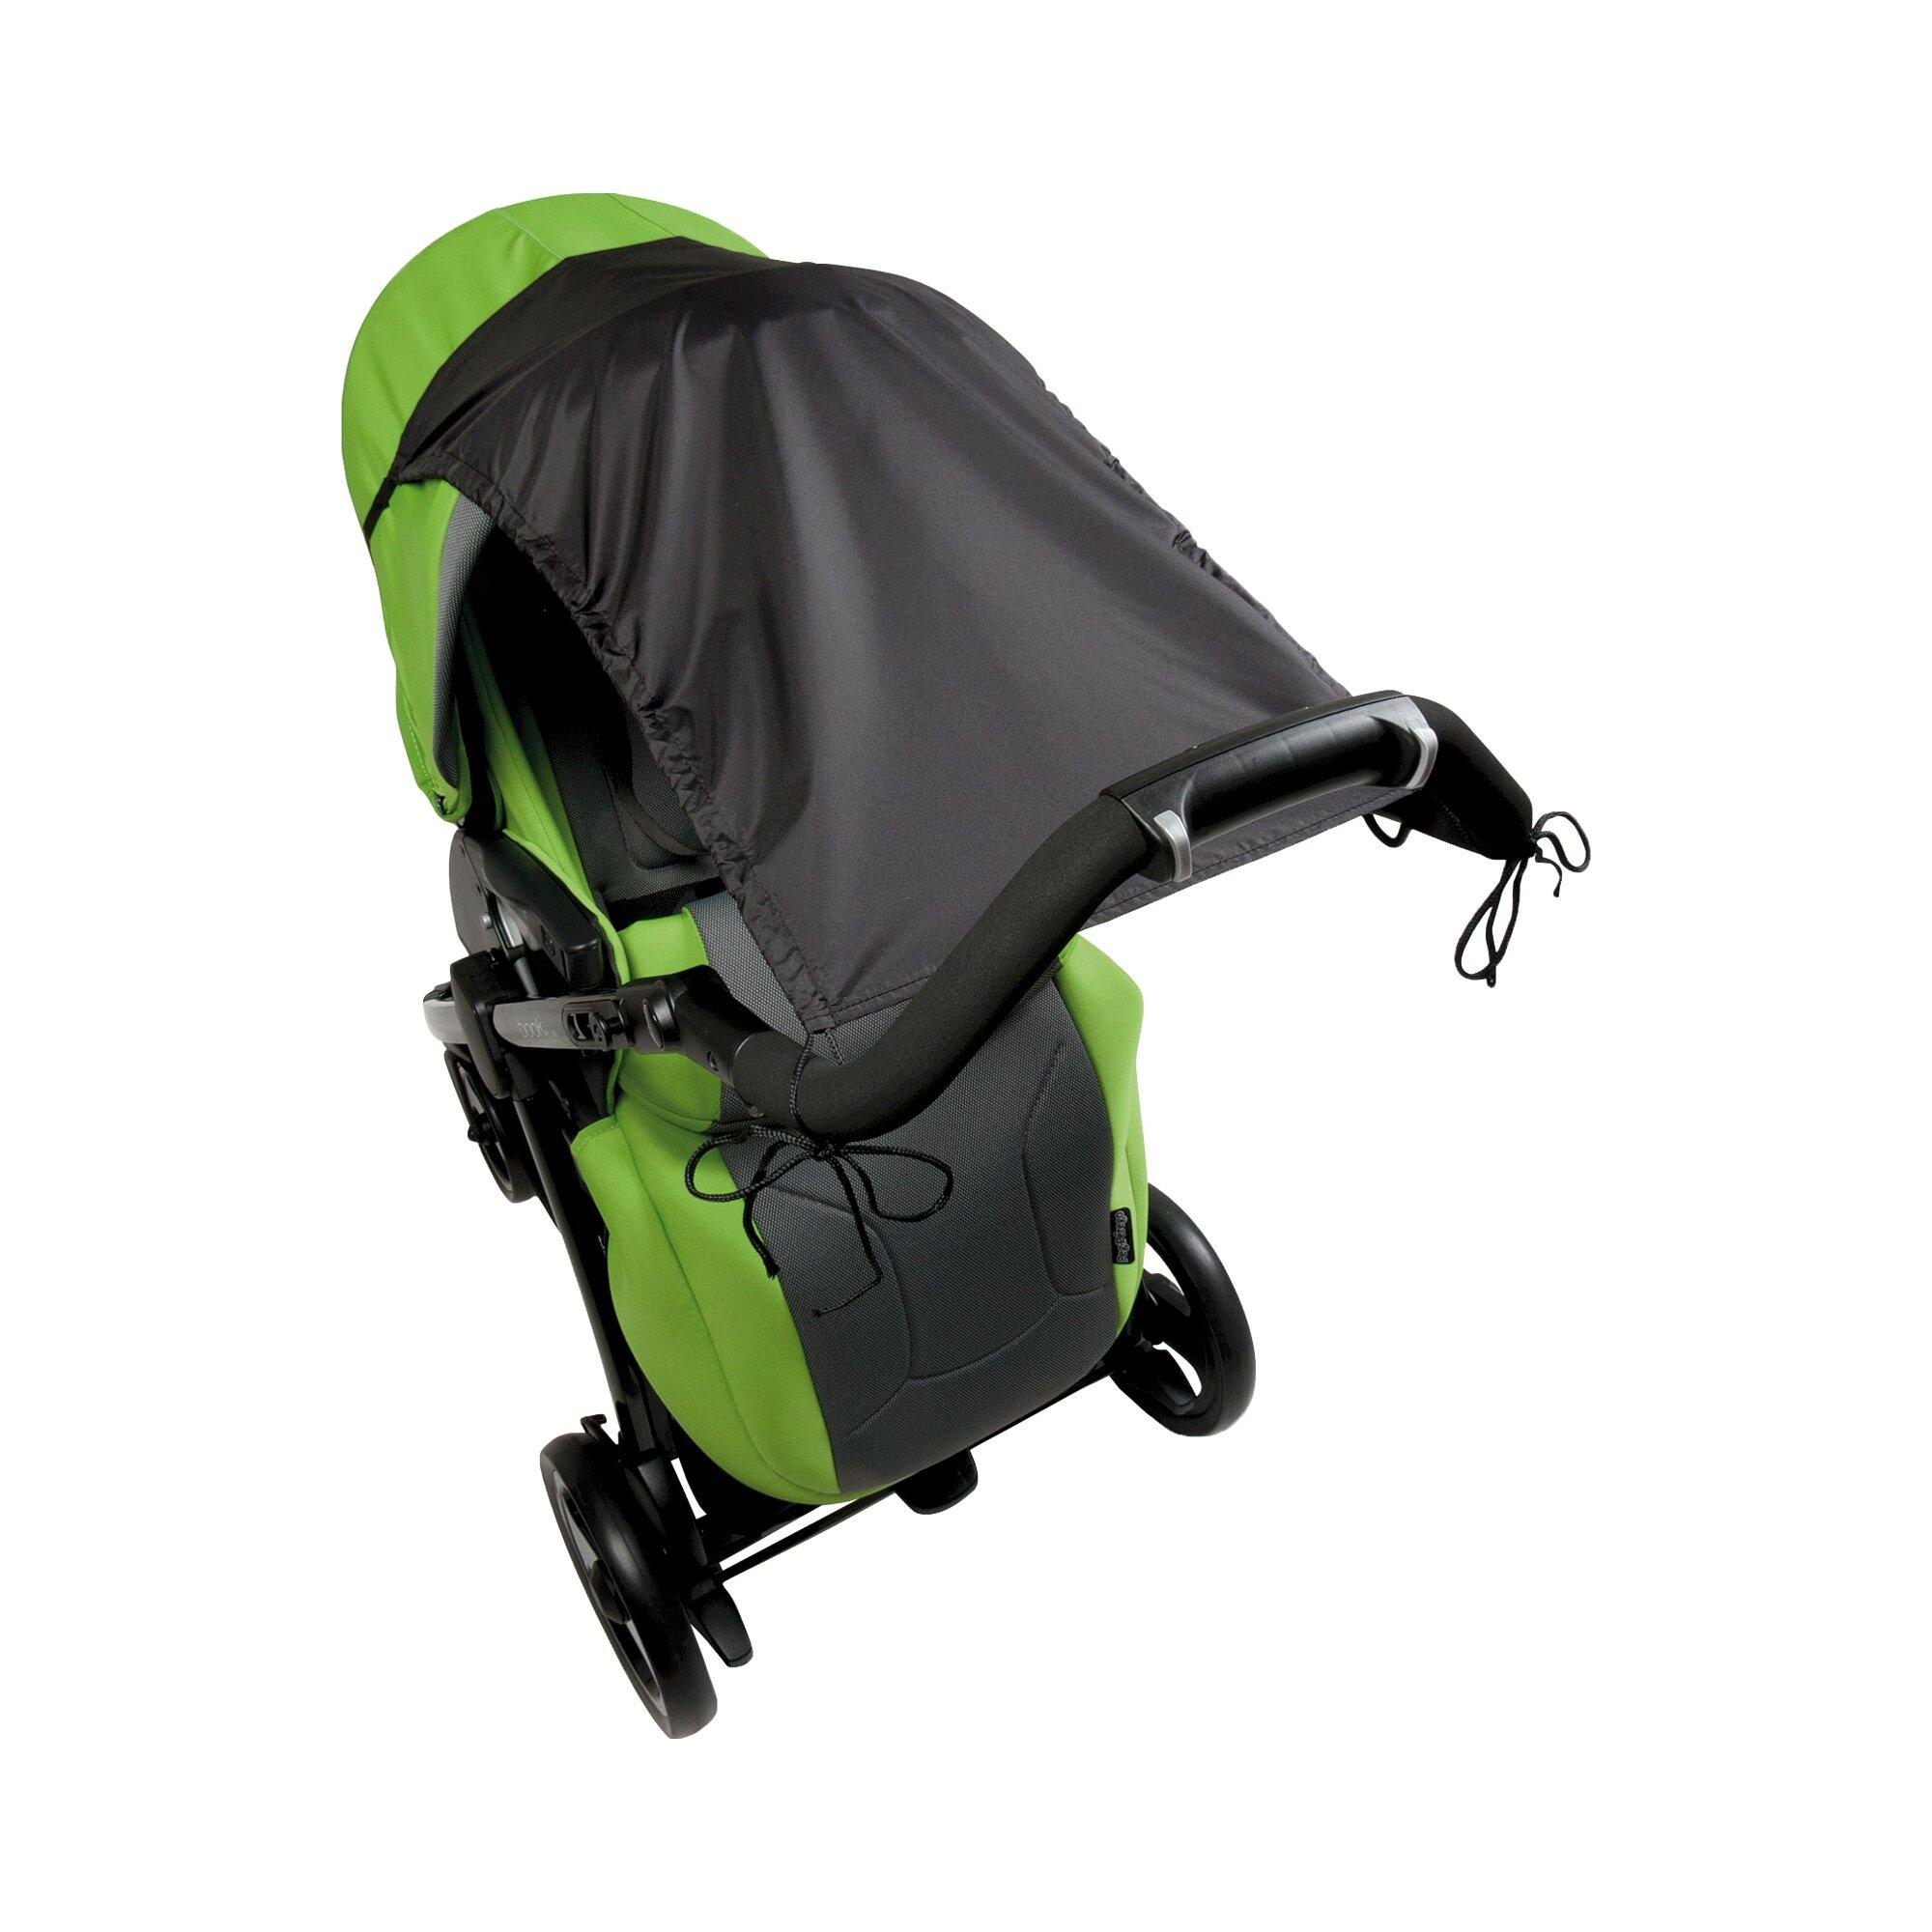 poussettes babycab achat vente de poussettes pas cher. Black Bedroom Furniture Sets. Home Design Ideas